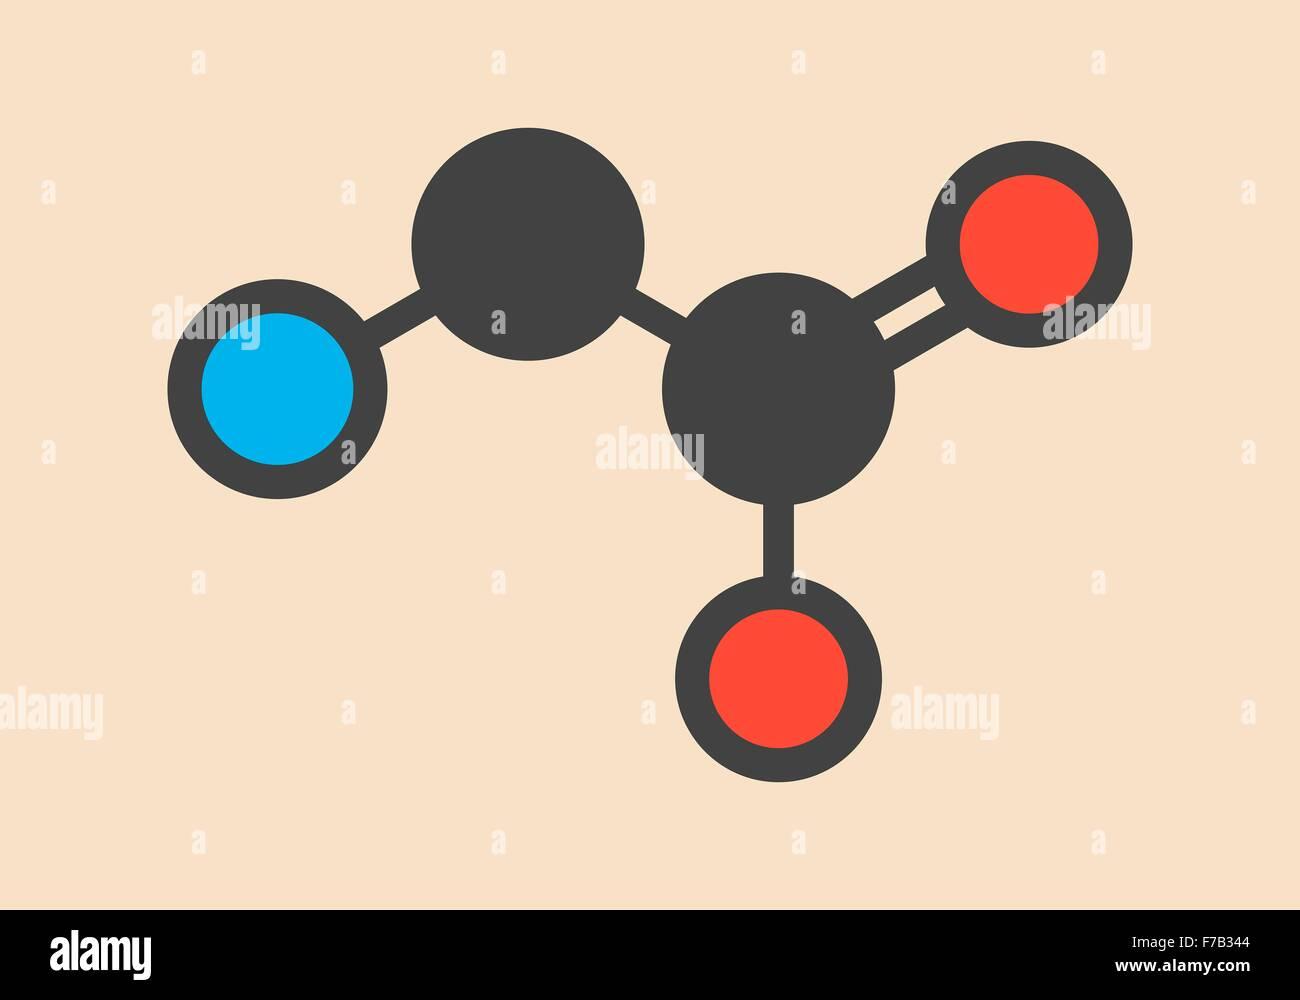 Glicina Gly G Aminoácidos Molécula Estilizada Fórmula